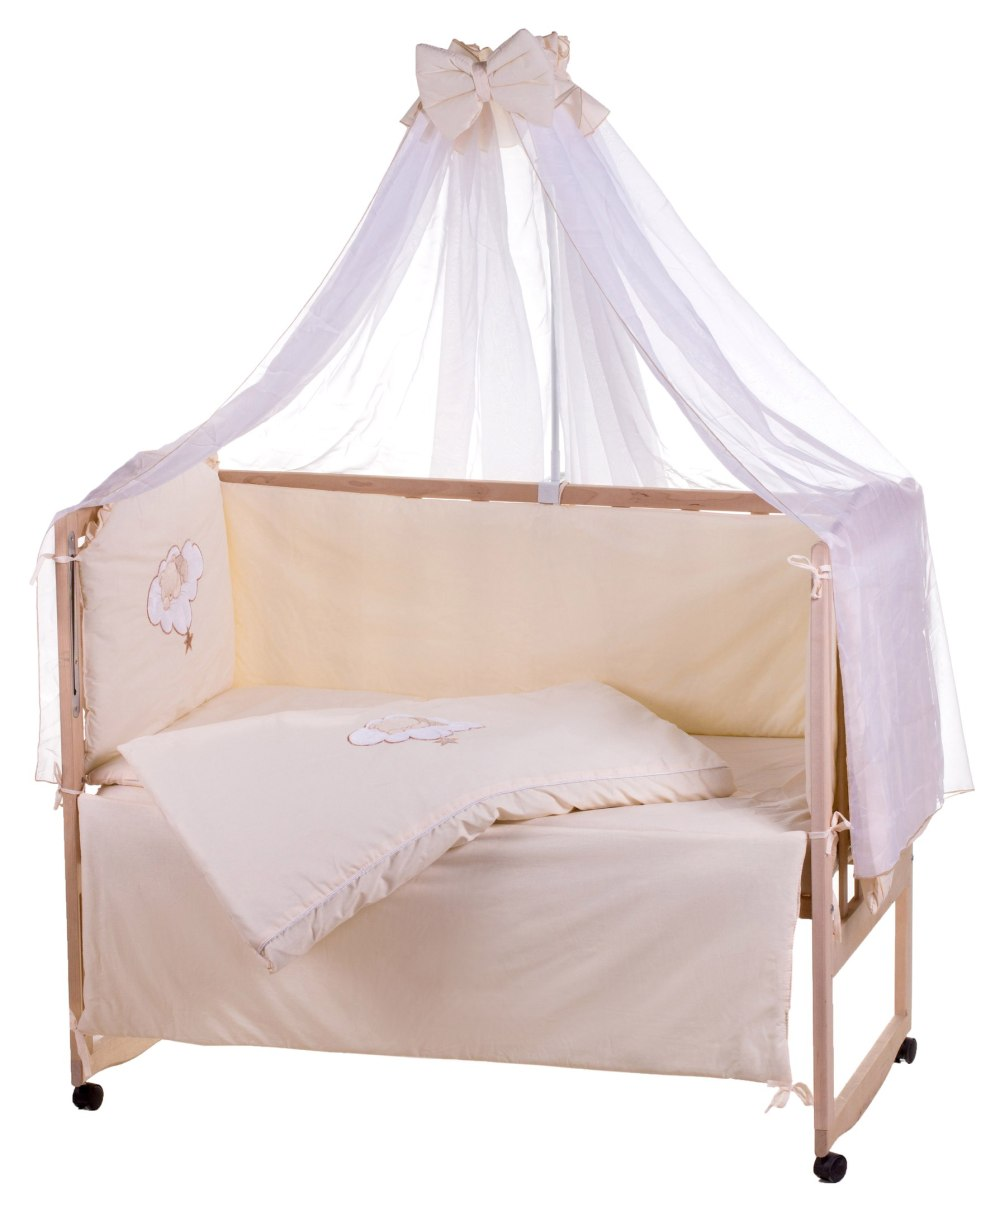 Детская постель Qvatro Ellite AE-08 аппликация  бежевый (мишка спит на облаке)